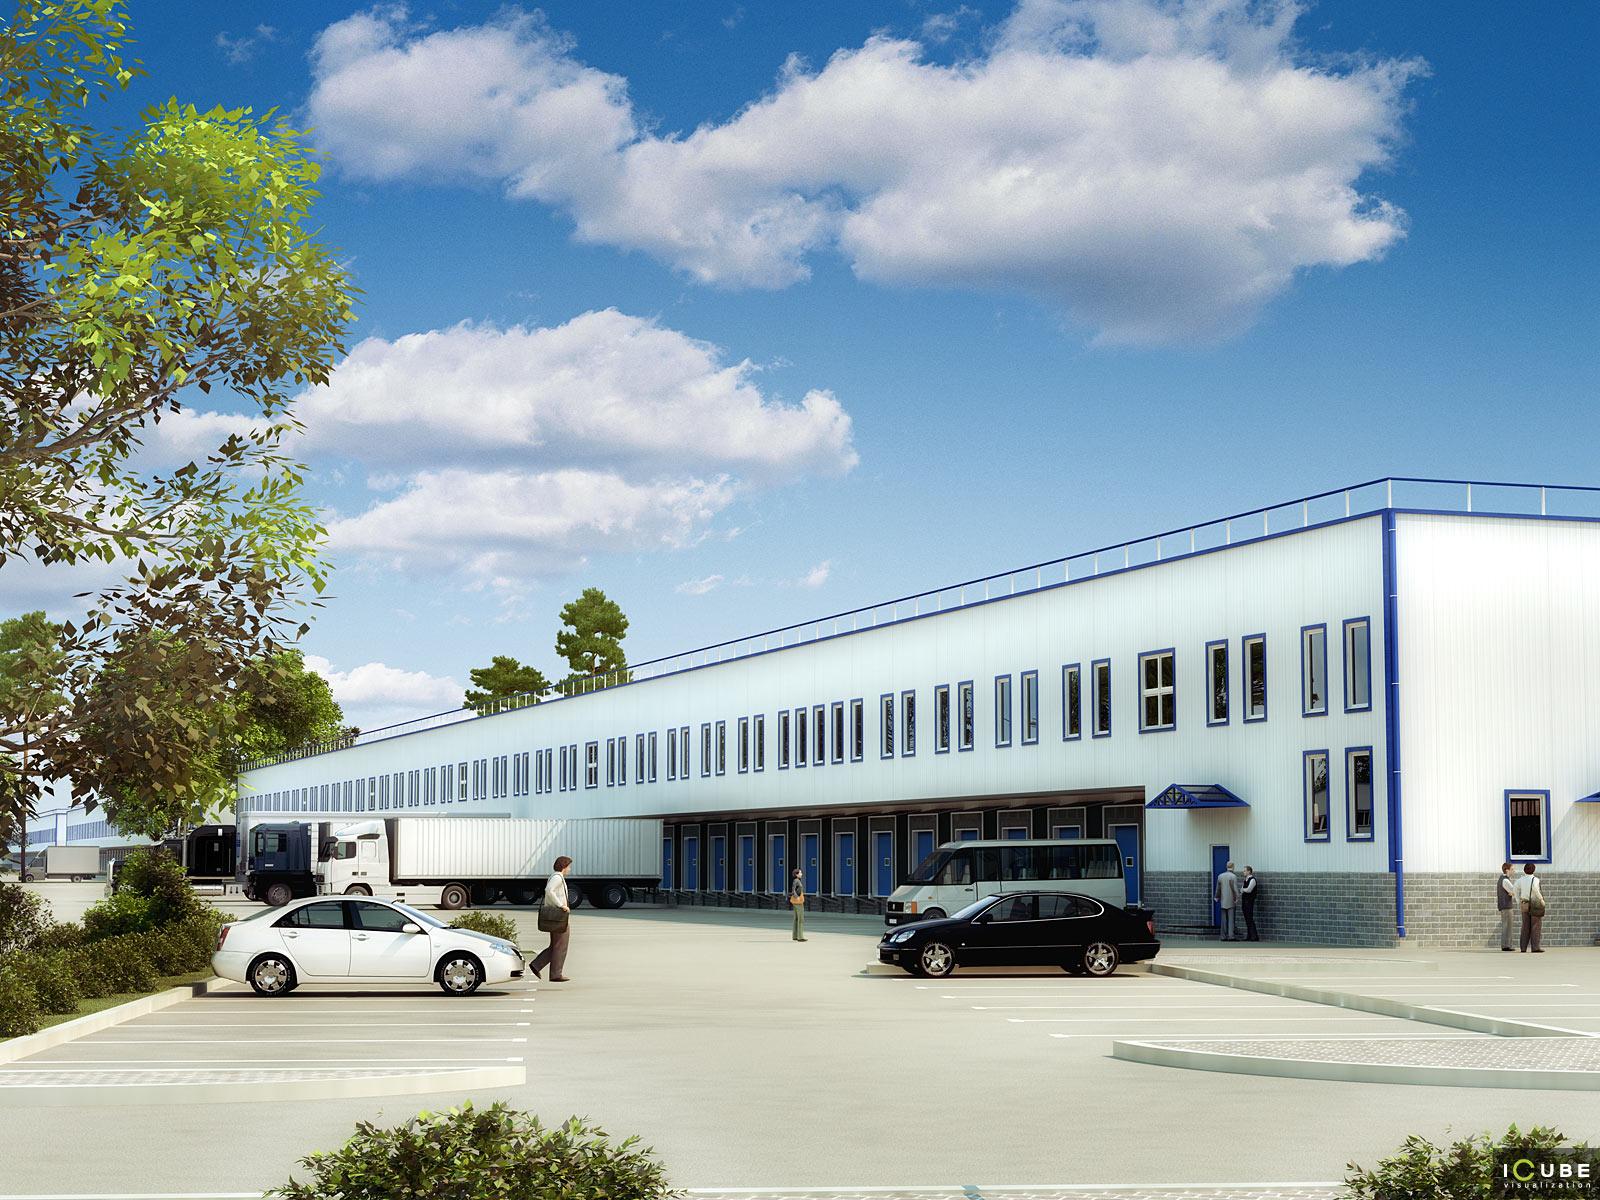 Công ty xây dựng nhà xưởng chất lượng - uy tín nhất Bình Dương.